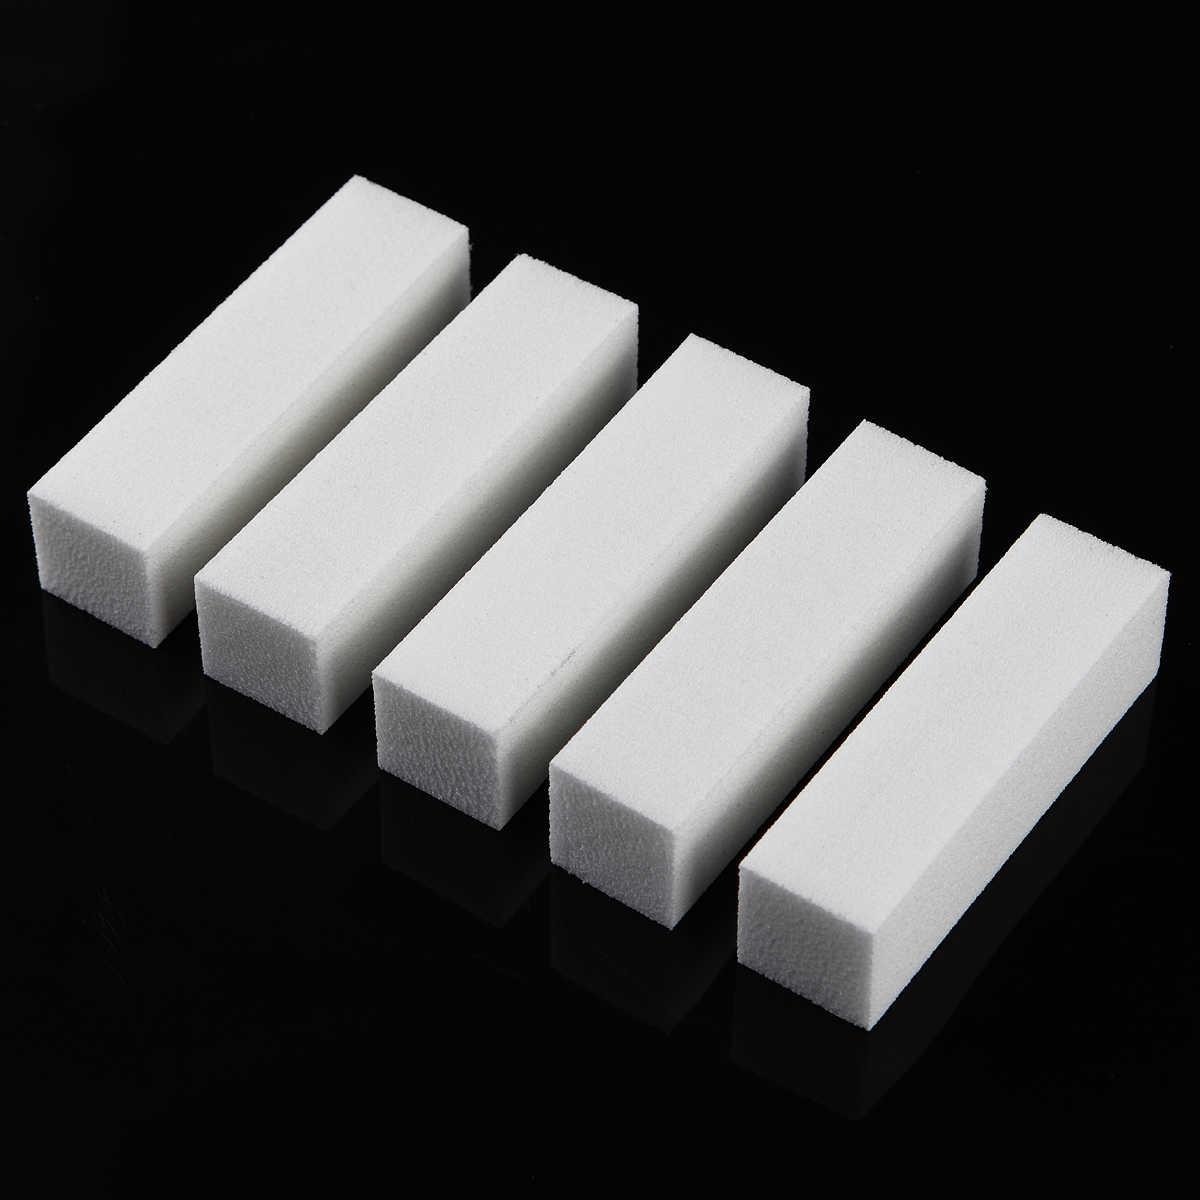 Monja 10 pièces/ensemble blanc Nail Art ponçage éponge bloc tampon ongle meulage polissage ongles limes manucure pédicure outil